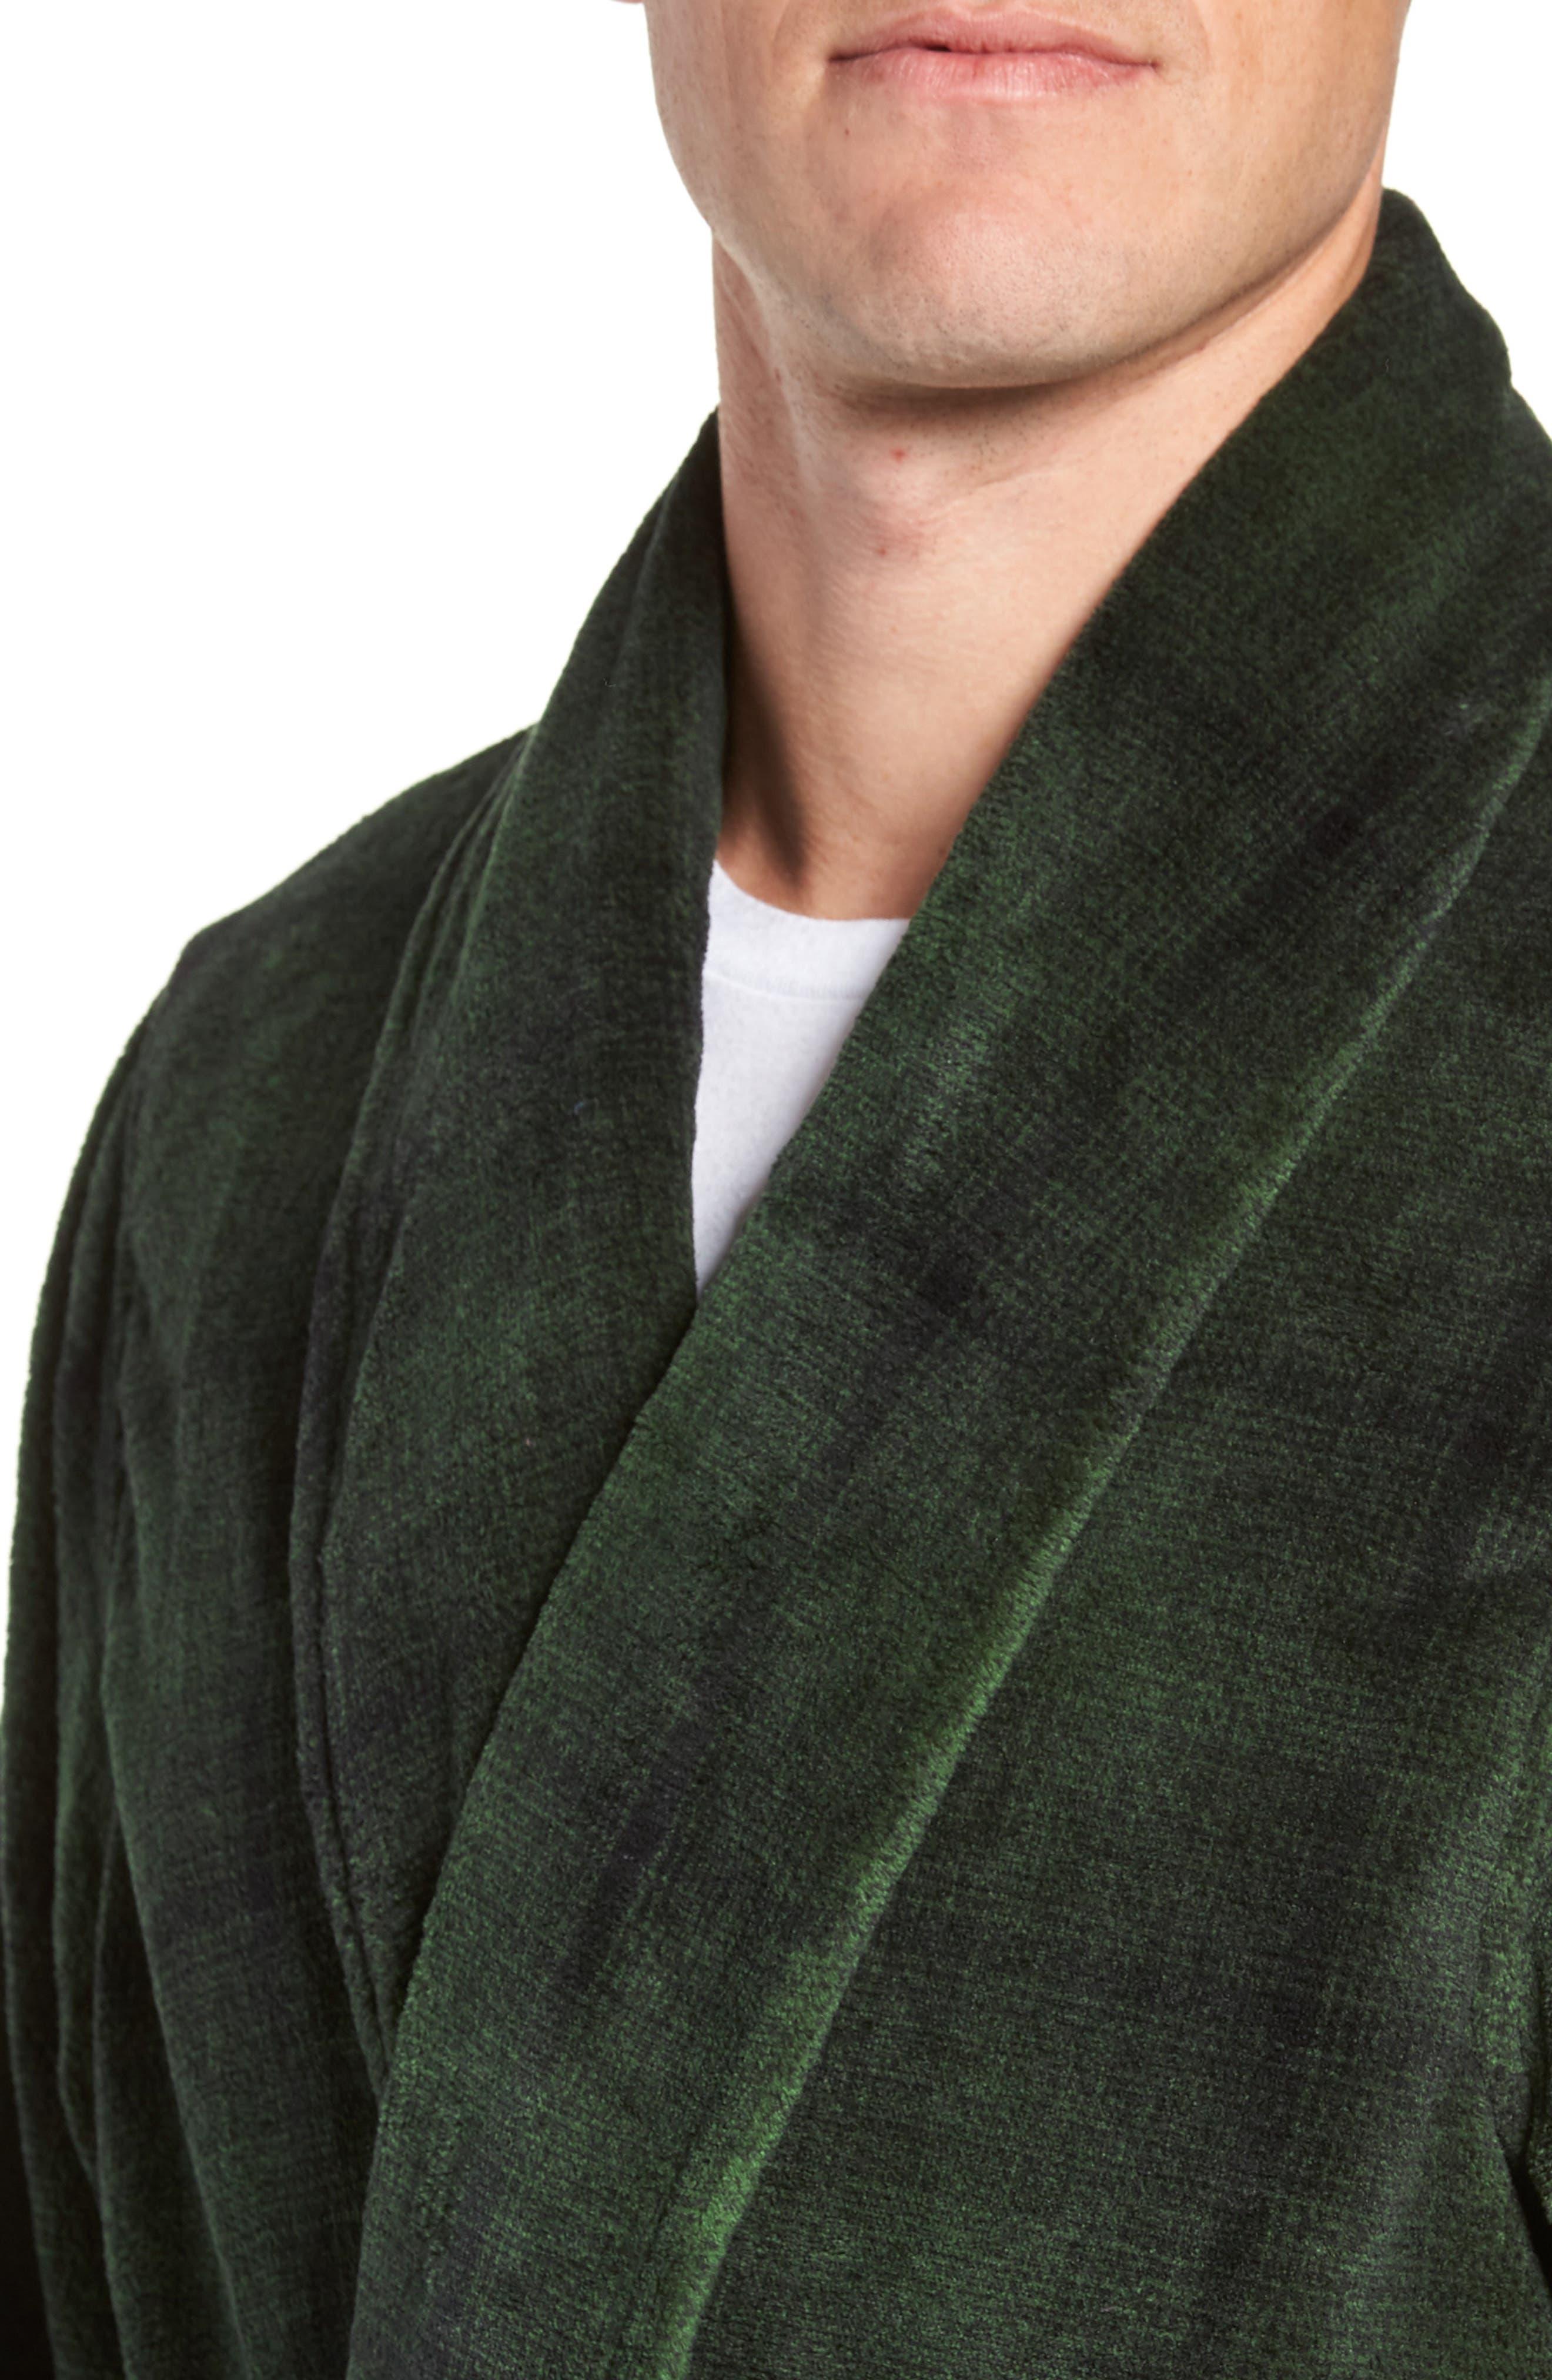 NORDSTROM MEN'S SHOP, Ombré Plaid Fleece Robe, Alternate thumbnail 4, color, GREEN - BLACK OMBRE PLAID